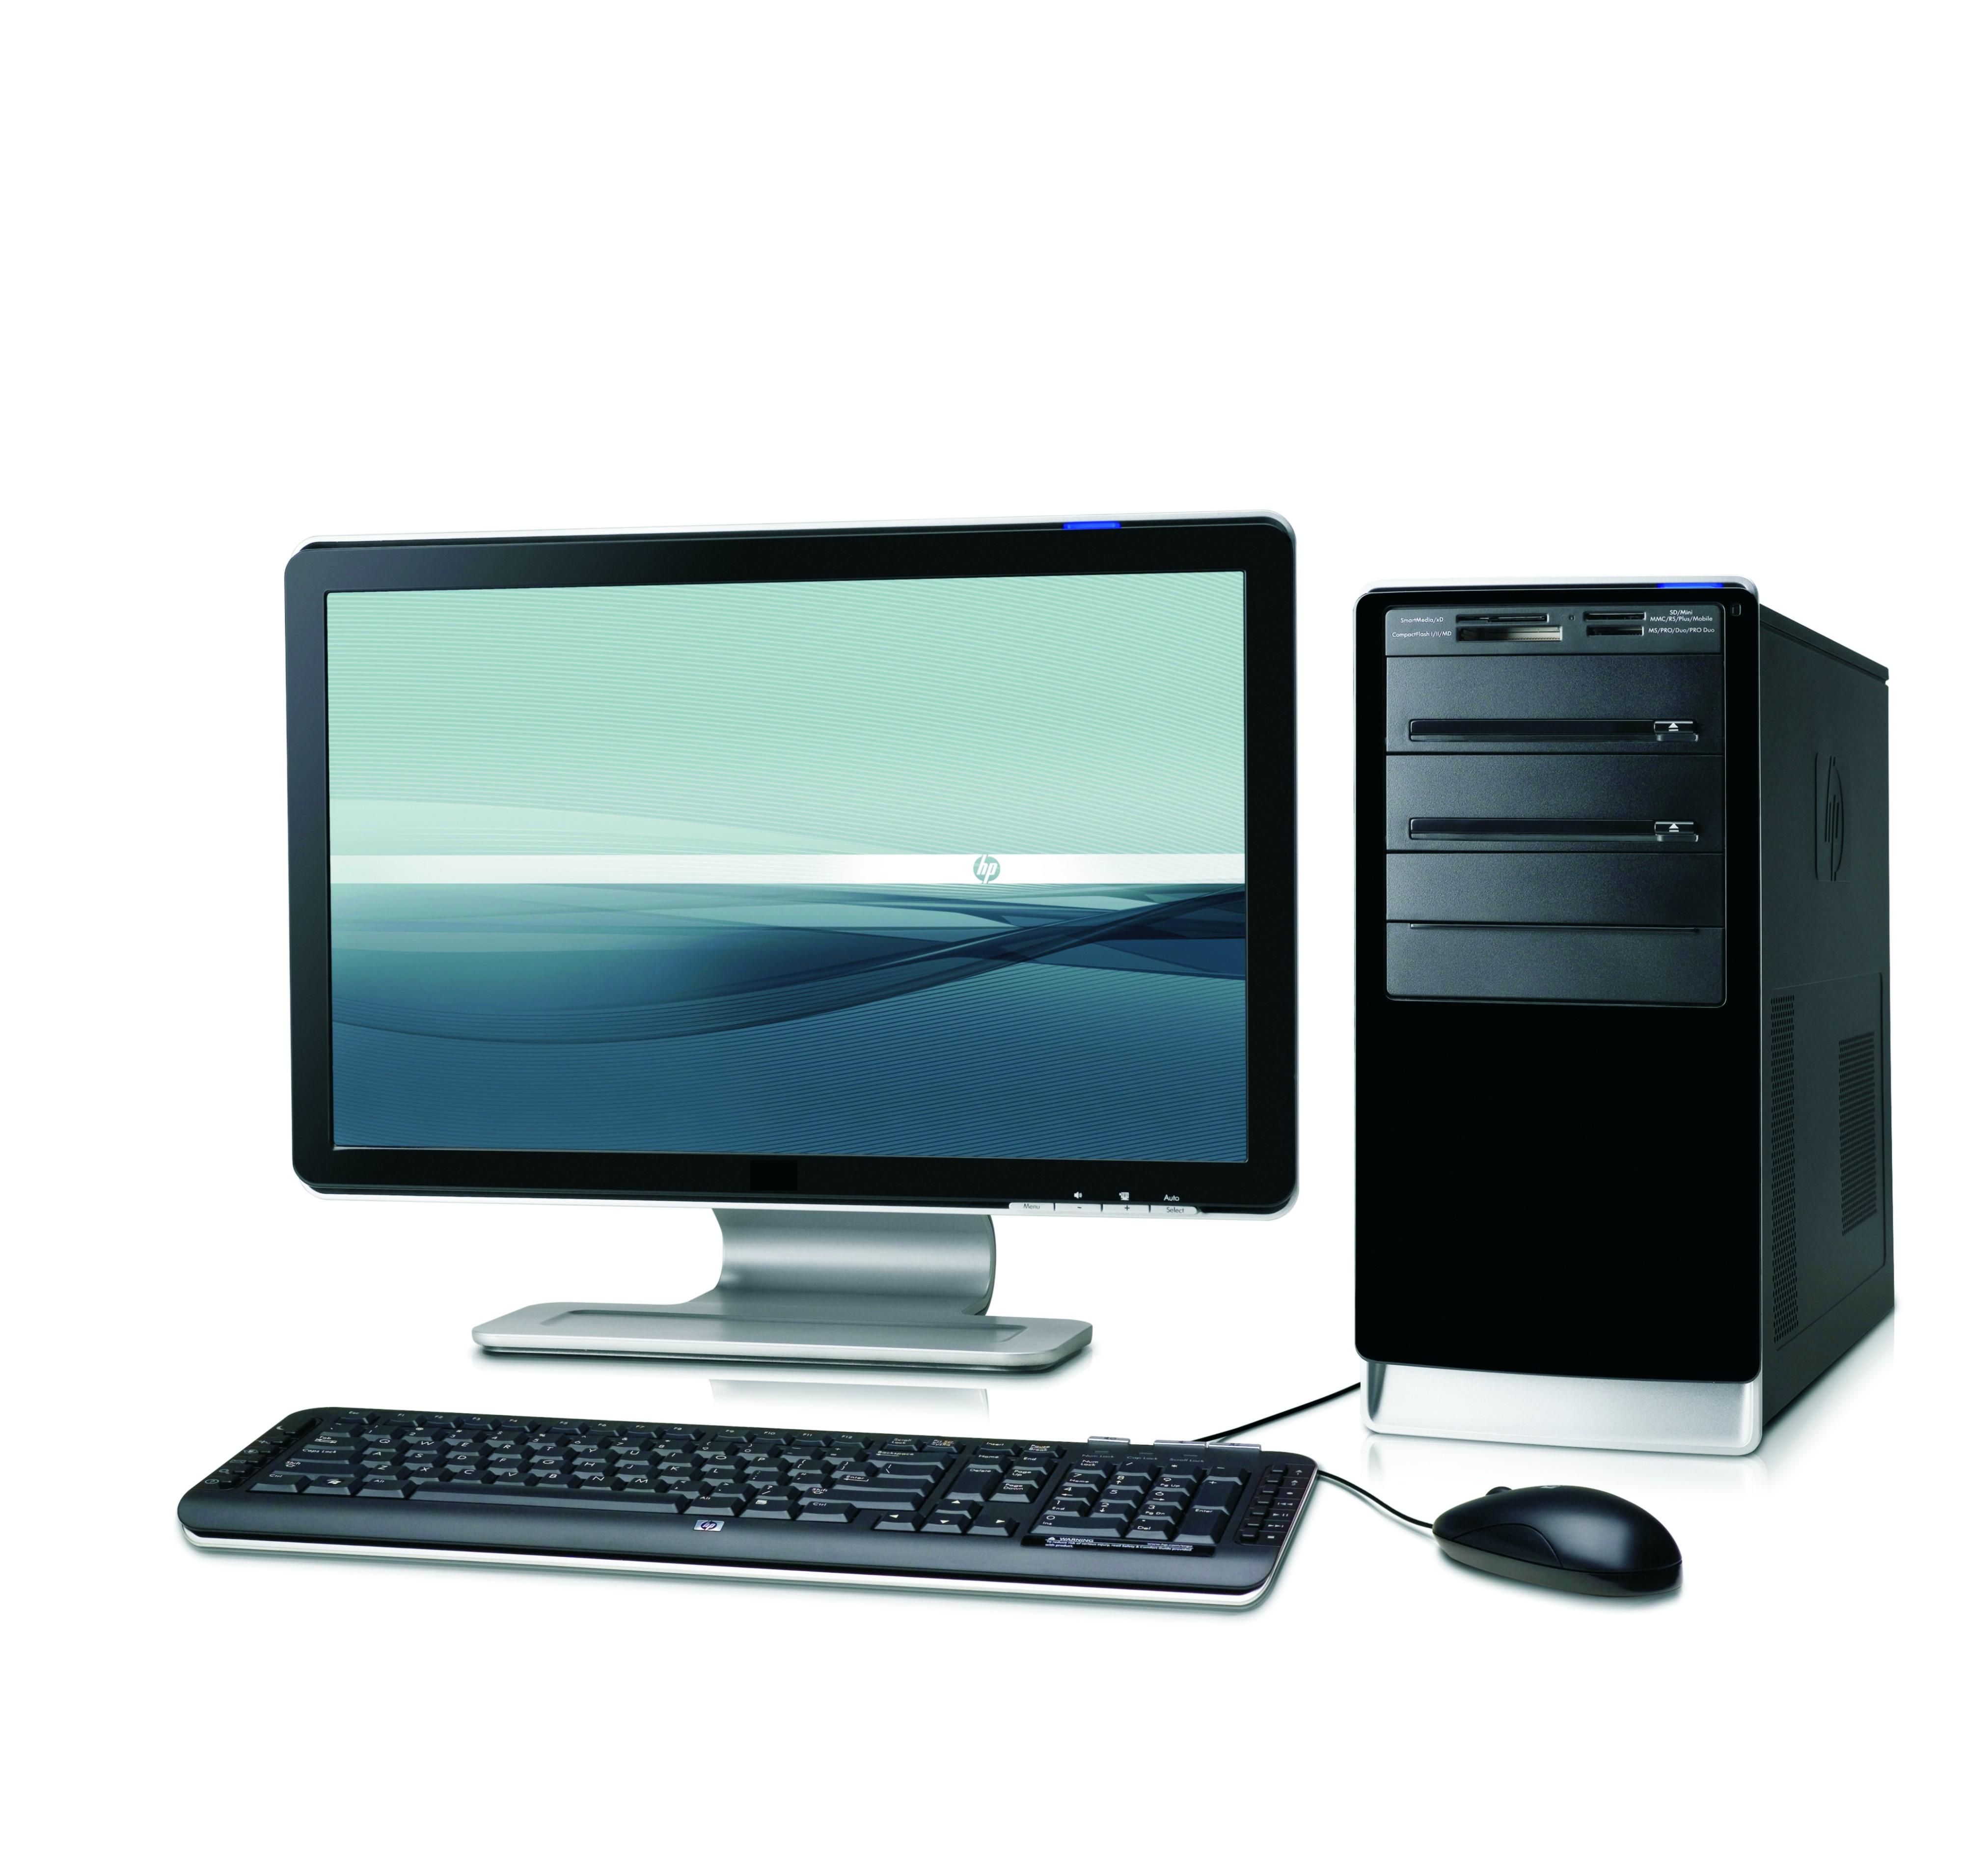 serwis komputerów PC